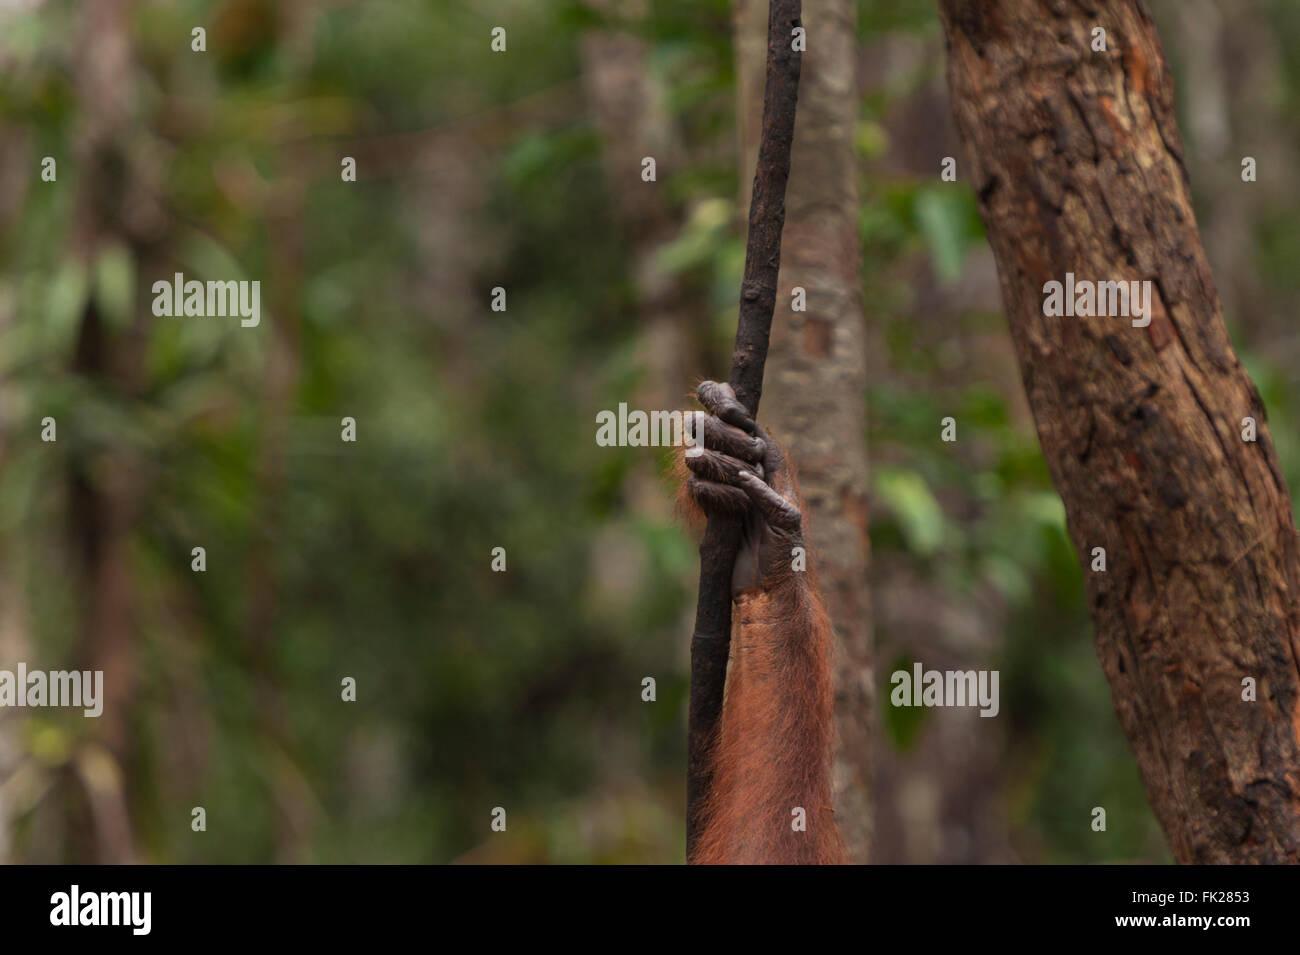 Bornean Orangutan (Pongo pygmaeus wurmbii) - hand - Stock Image